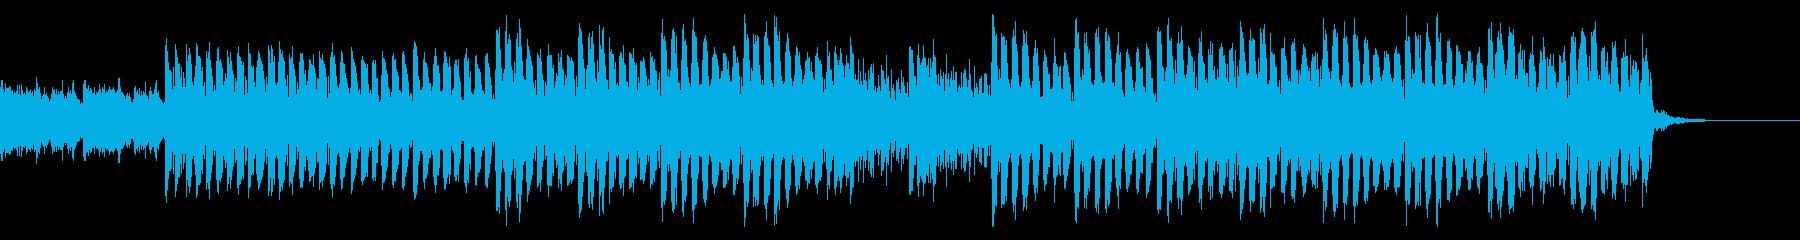 おしゃれ・クール・EDM2の再生済みの波形